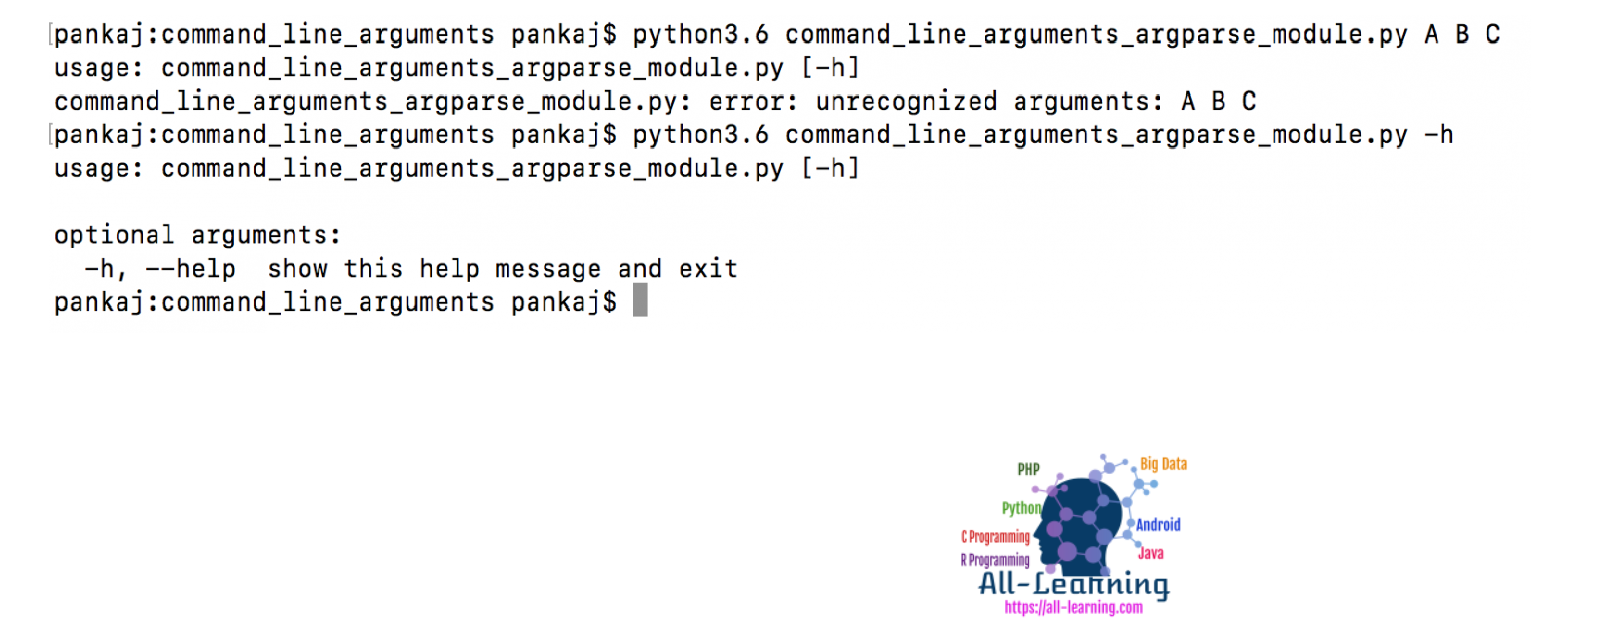 python-command-line-arguments-argparse